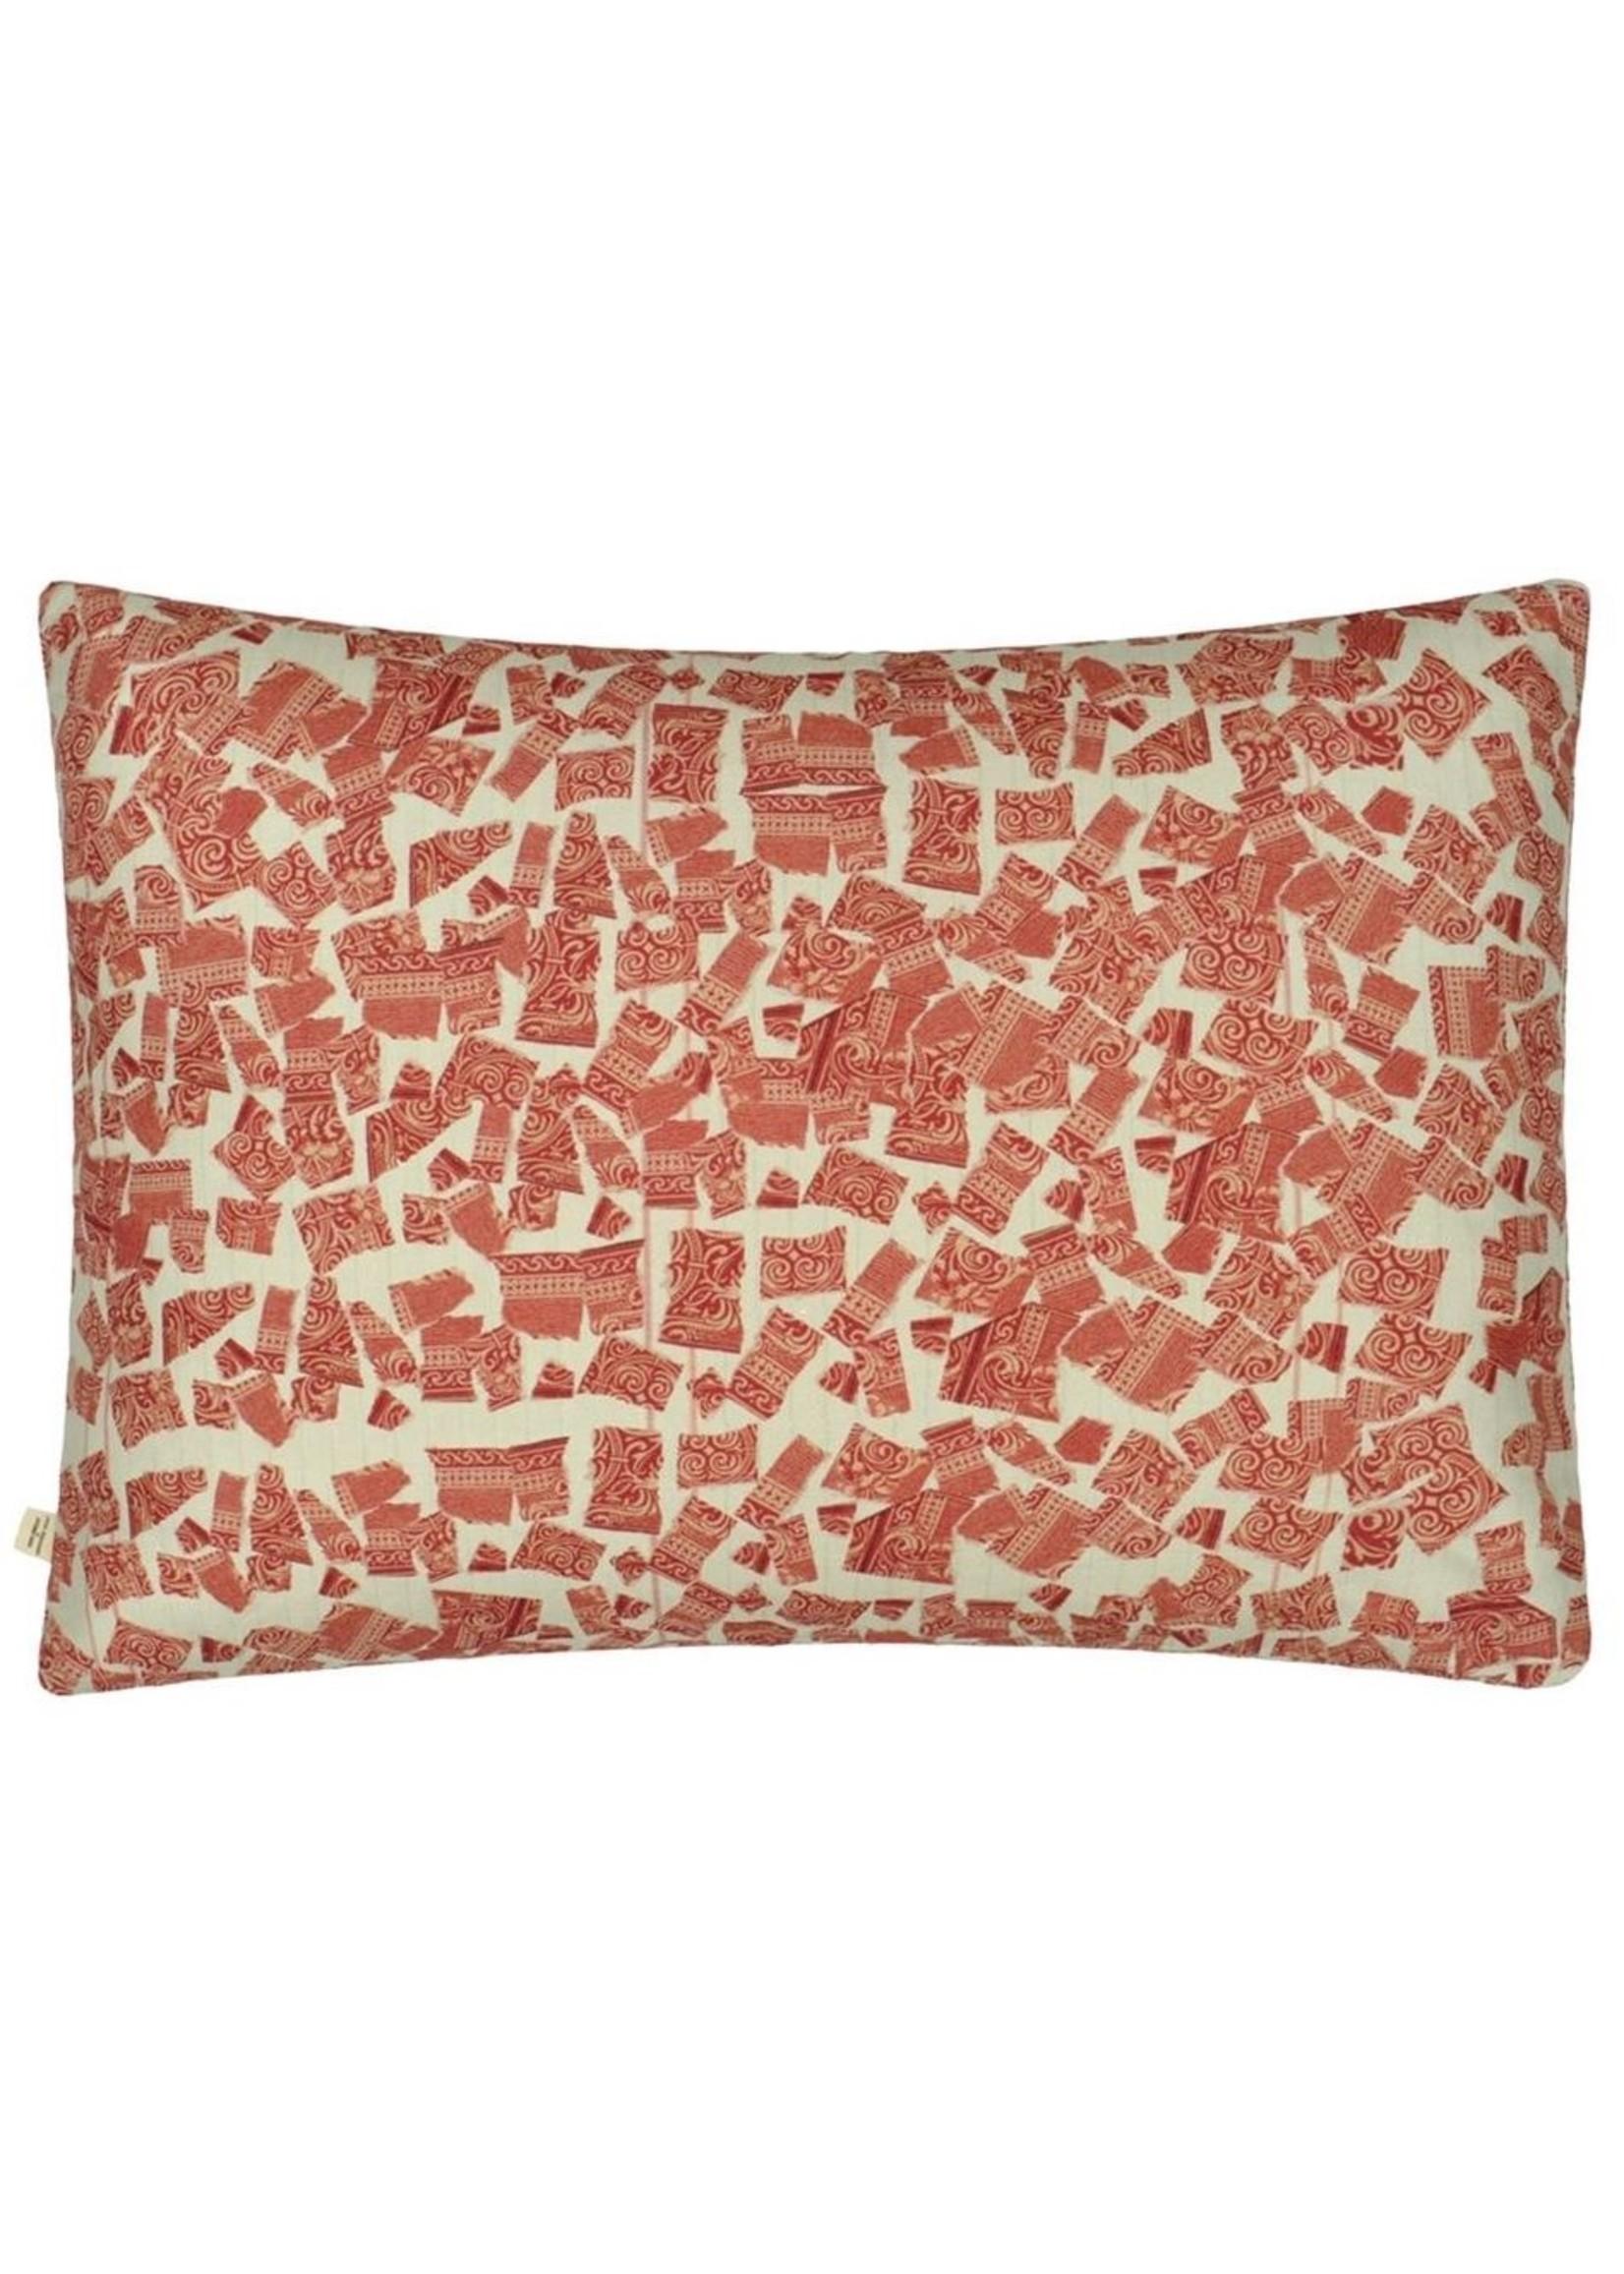 Designers Guild Apples Carmine Pillow